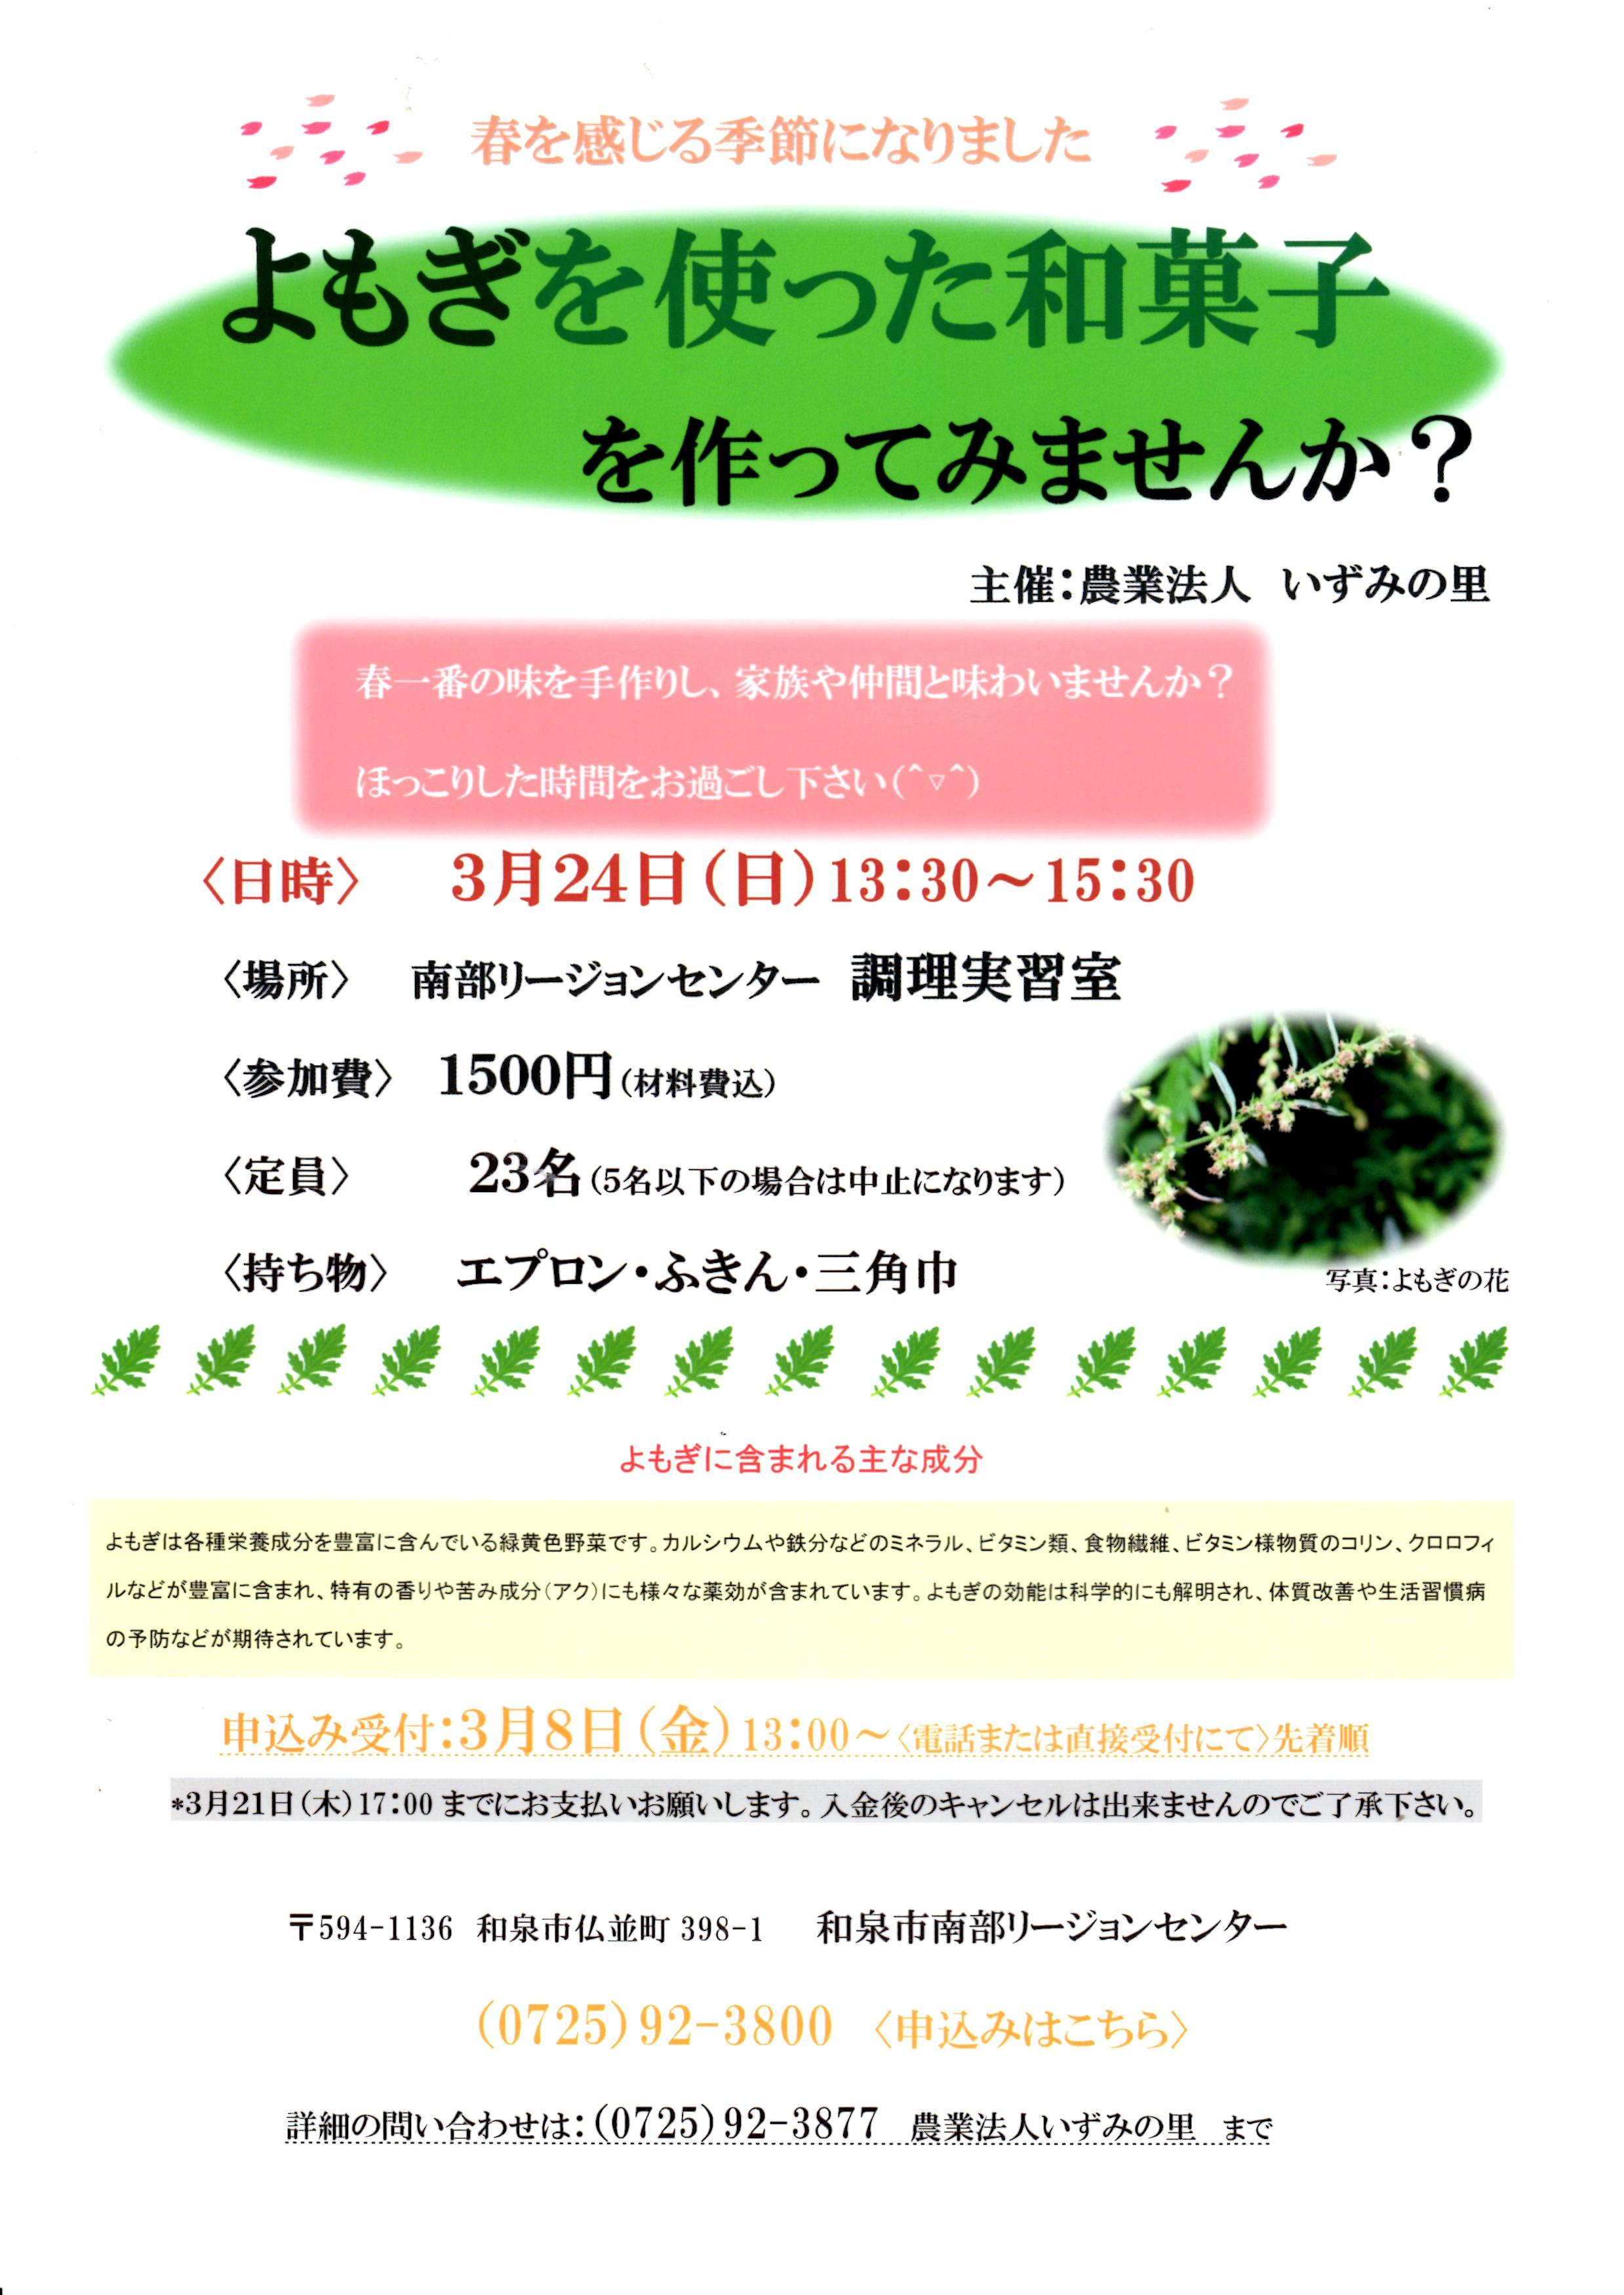 3月24日(日)開催!よもぎを使った和菓子を作ってみませんか?【南部リージョンセンター】